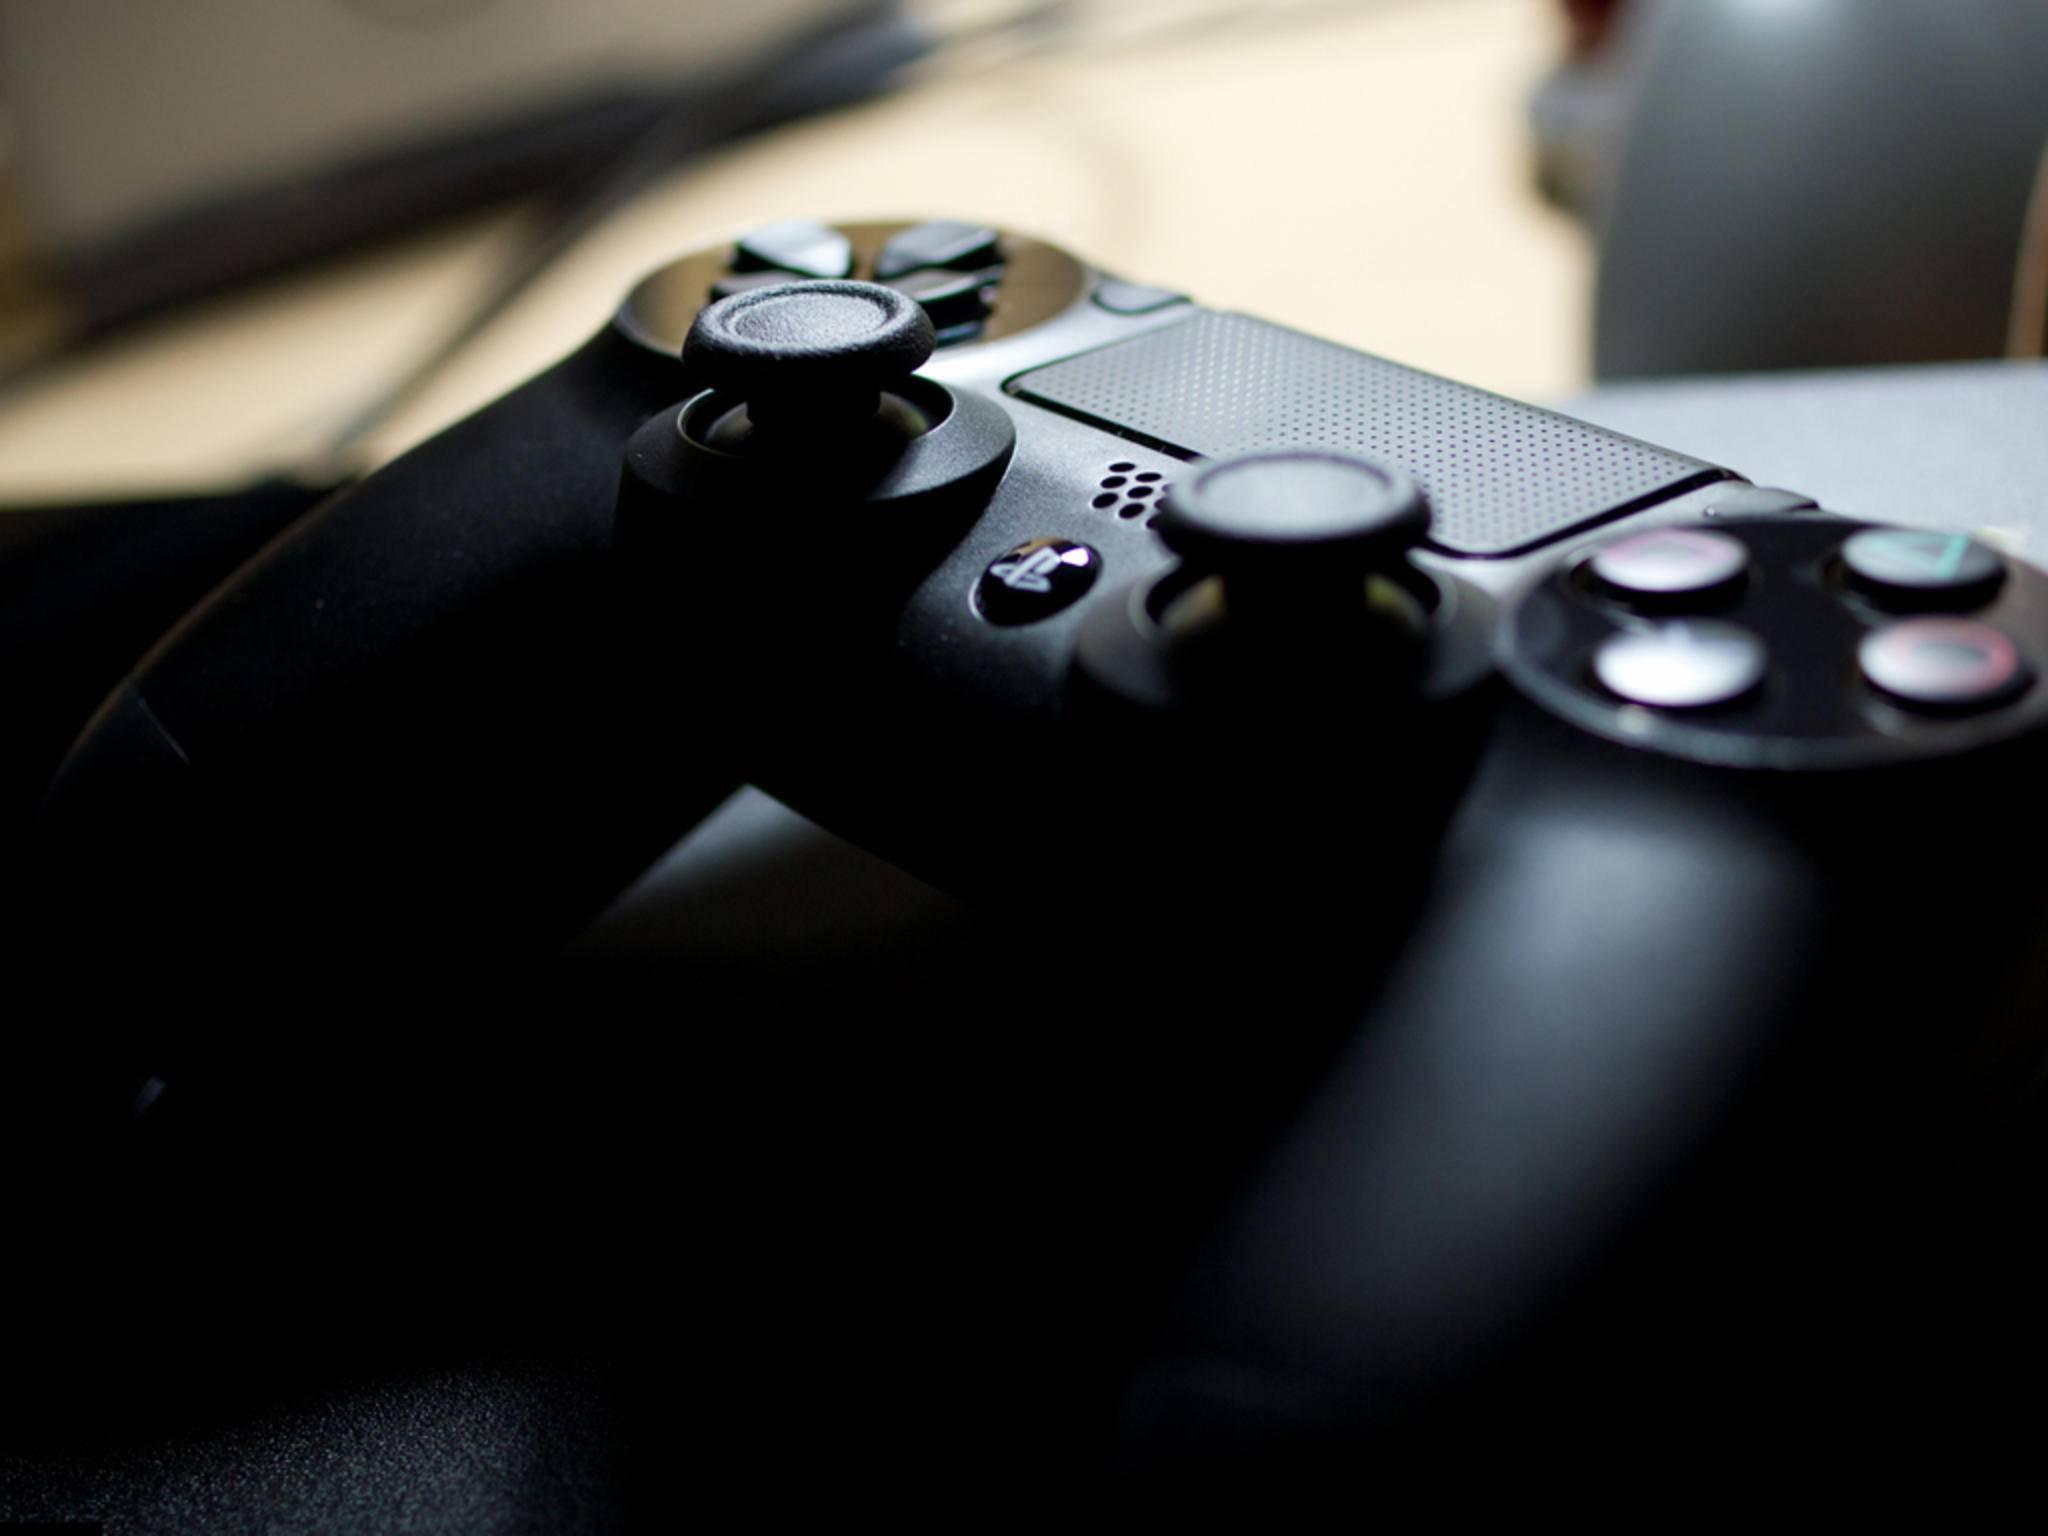 Nicht alle neuen PS4-Features hat Sony kommuniziert.